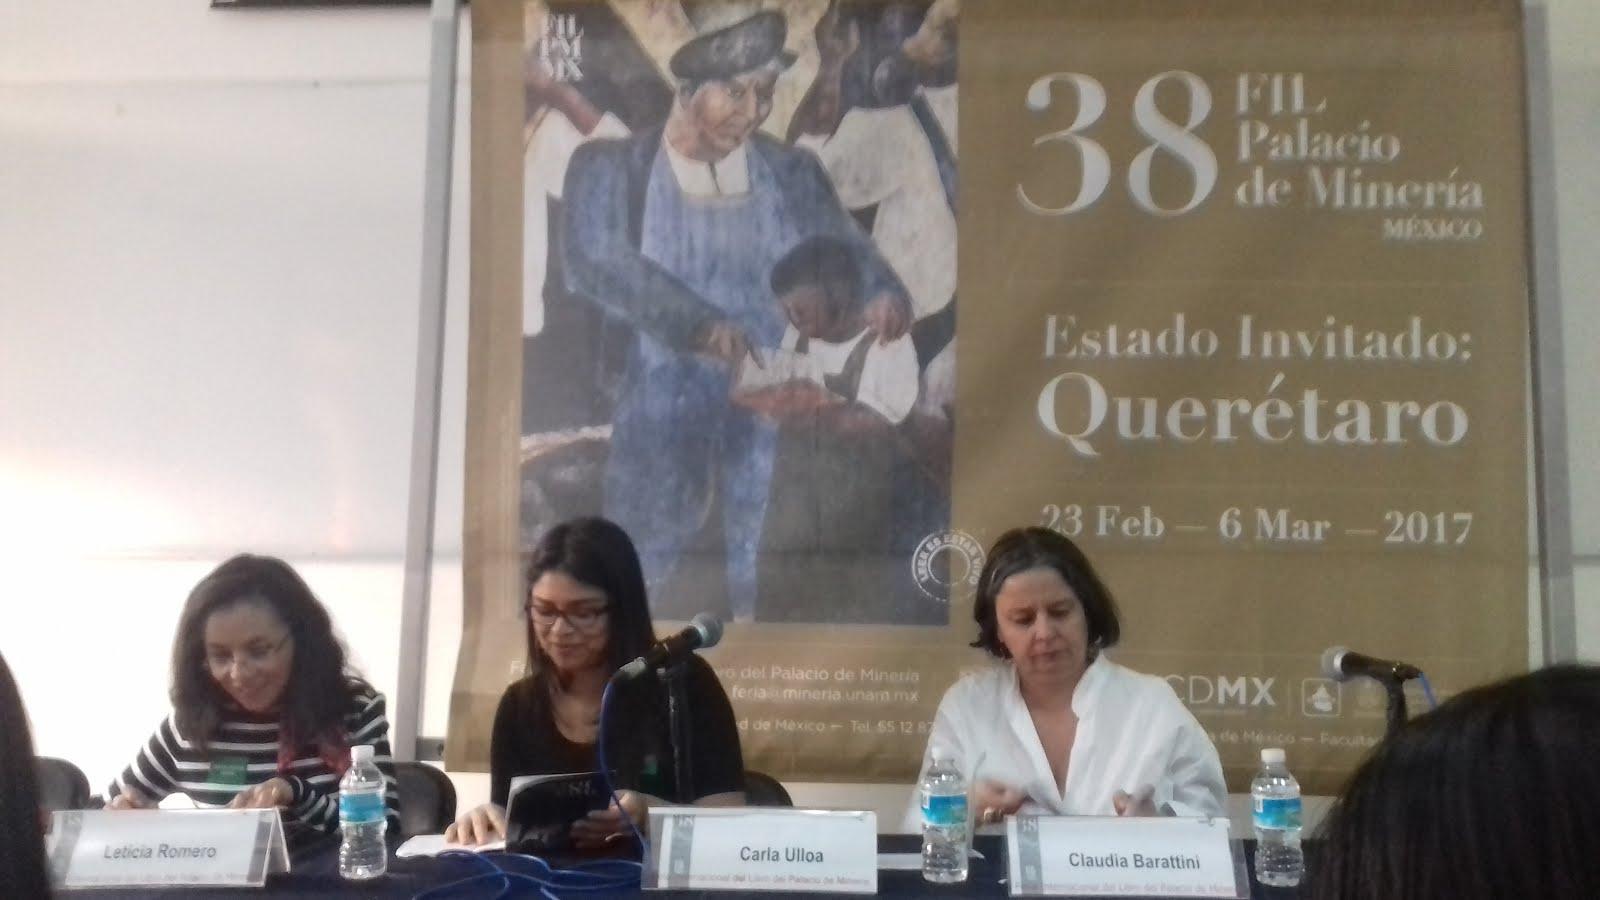 Presentación del libro en México 5 de marzo 2017